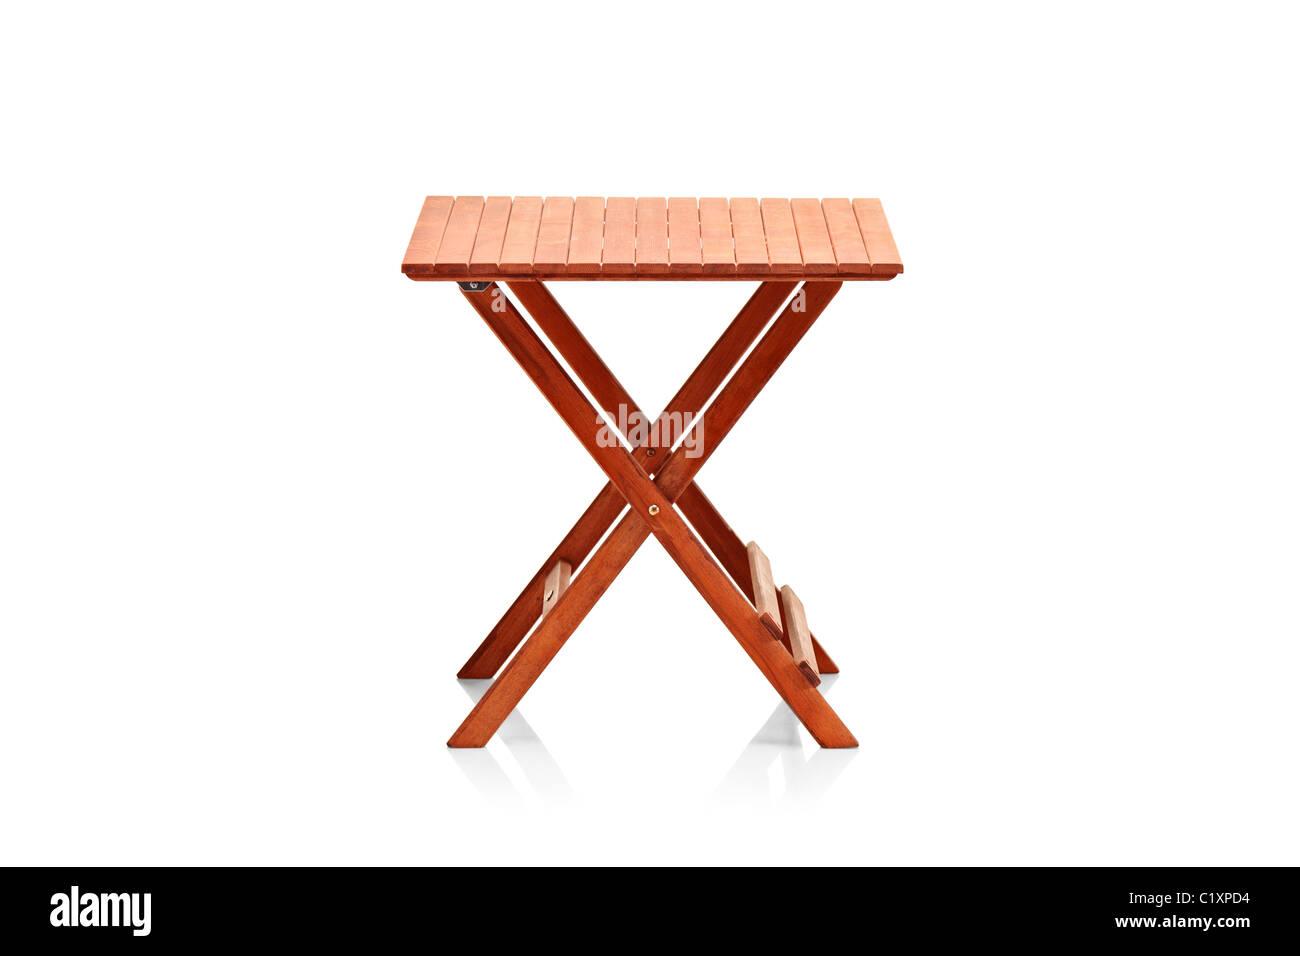 Holz Klapptisch Stockbild